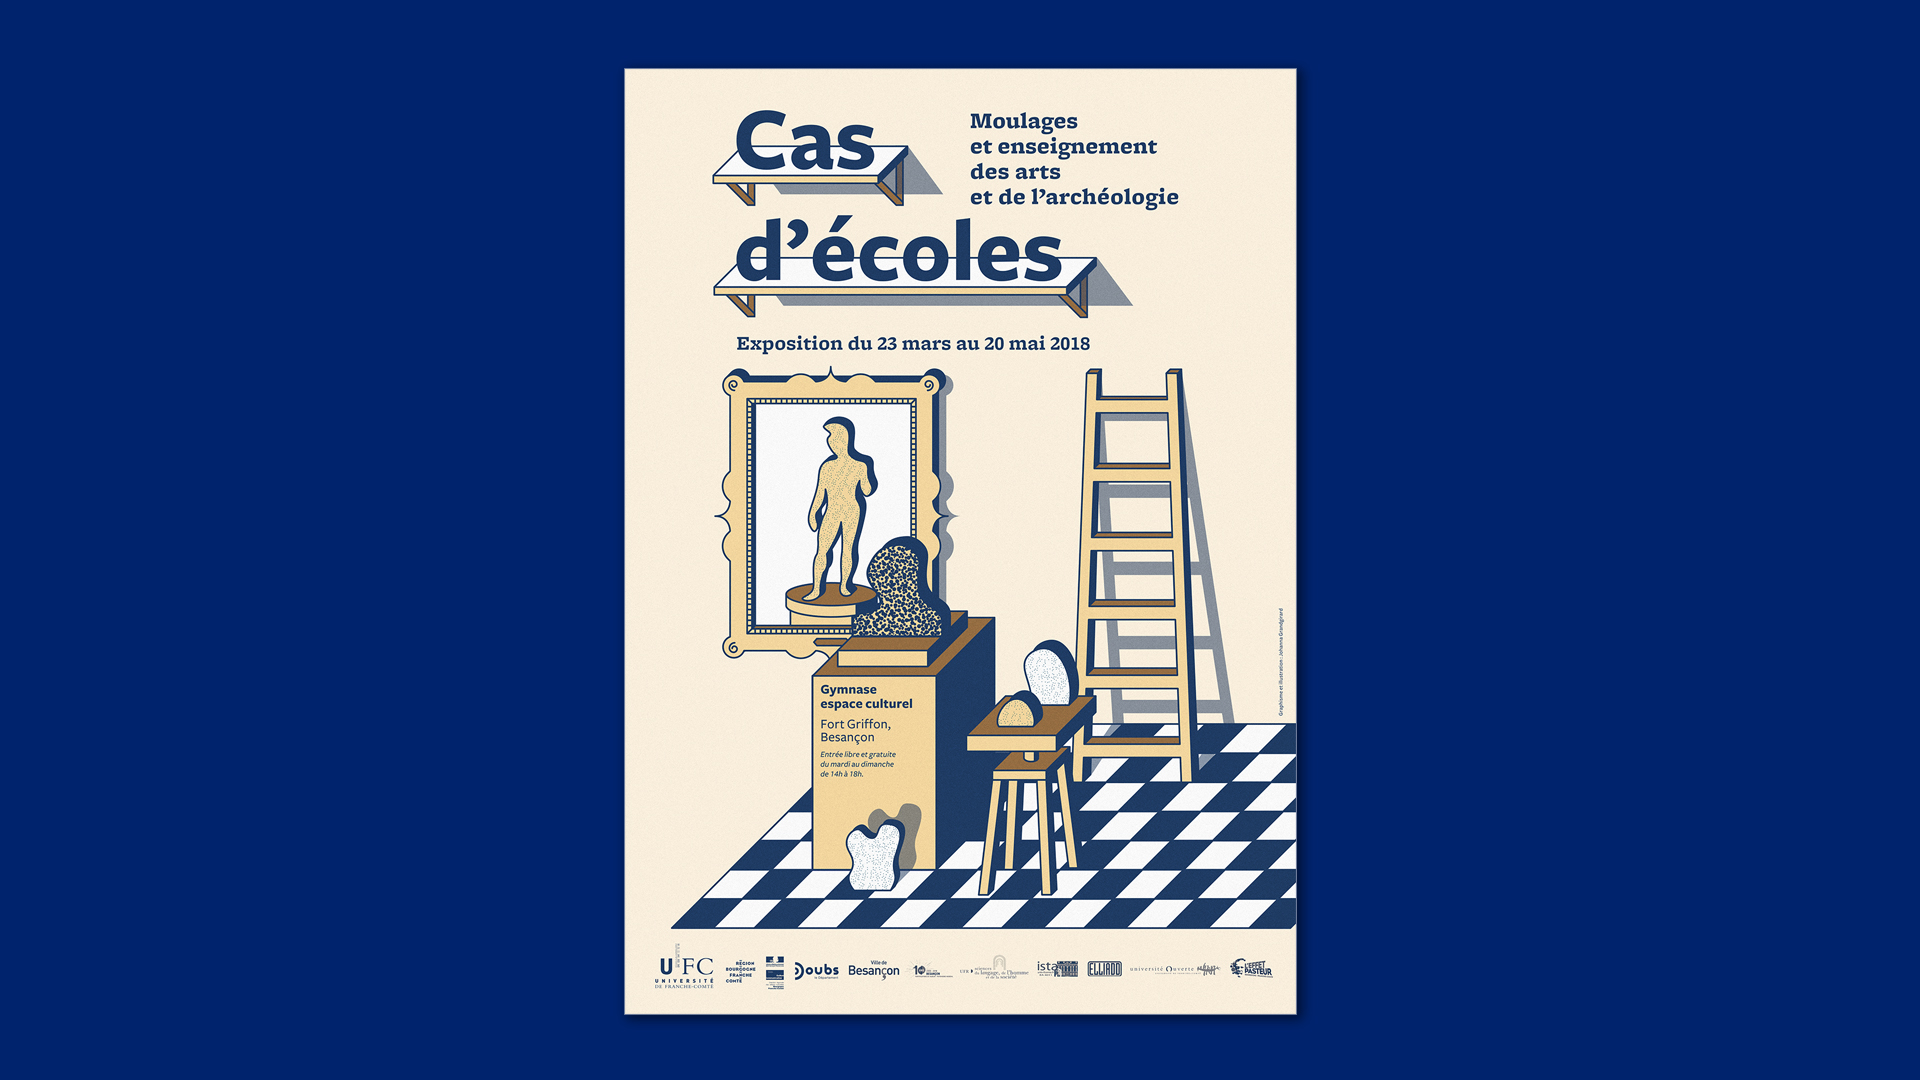 Gymnase_CasEcole_Affiche